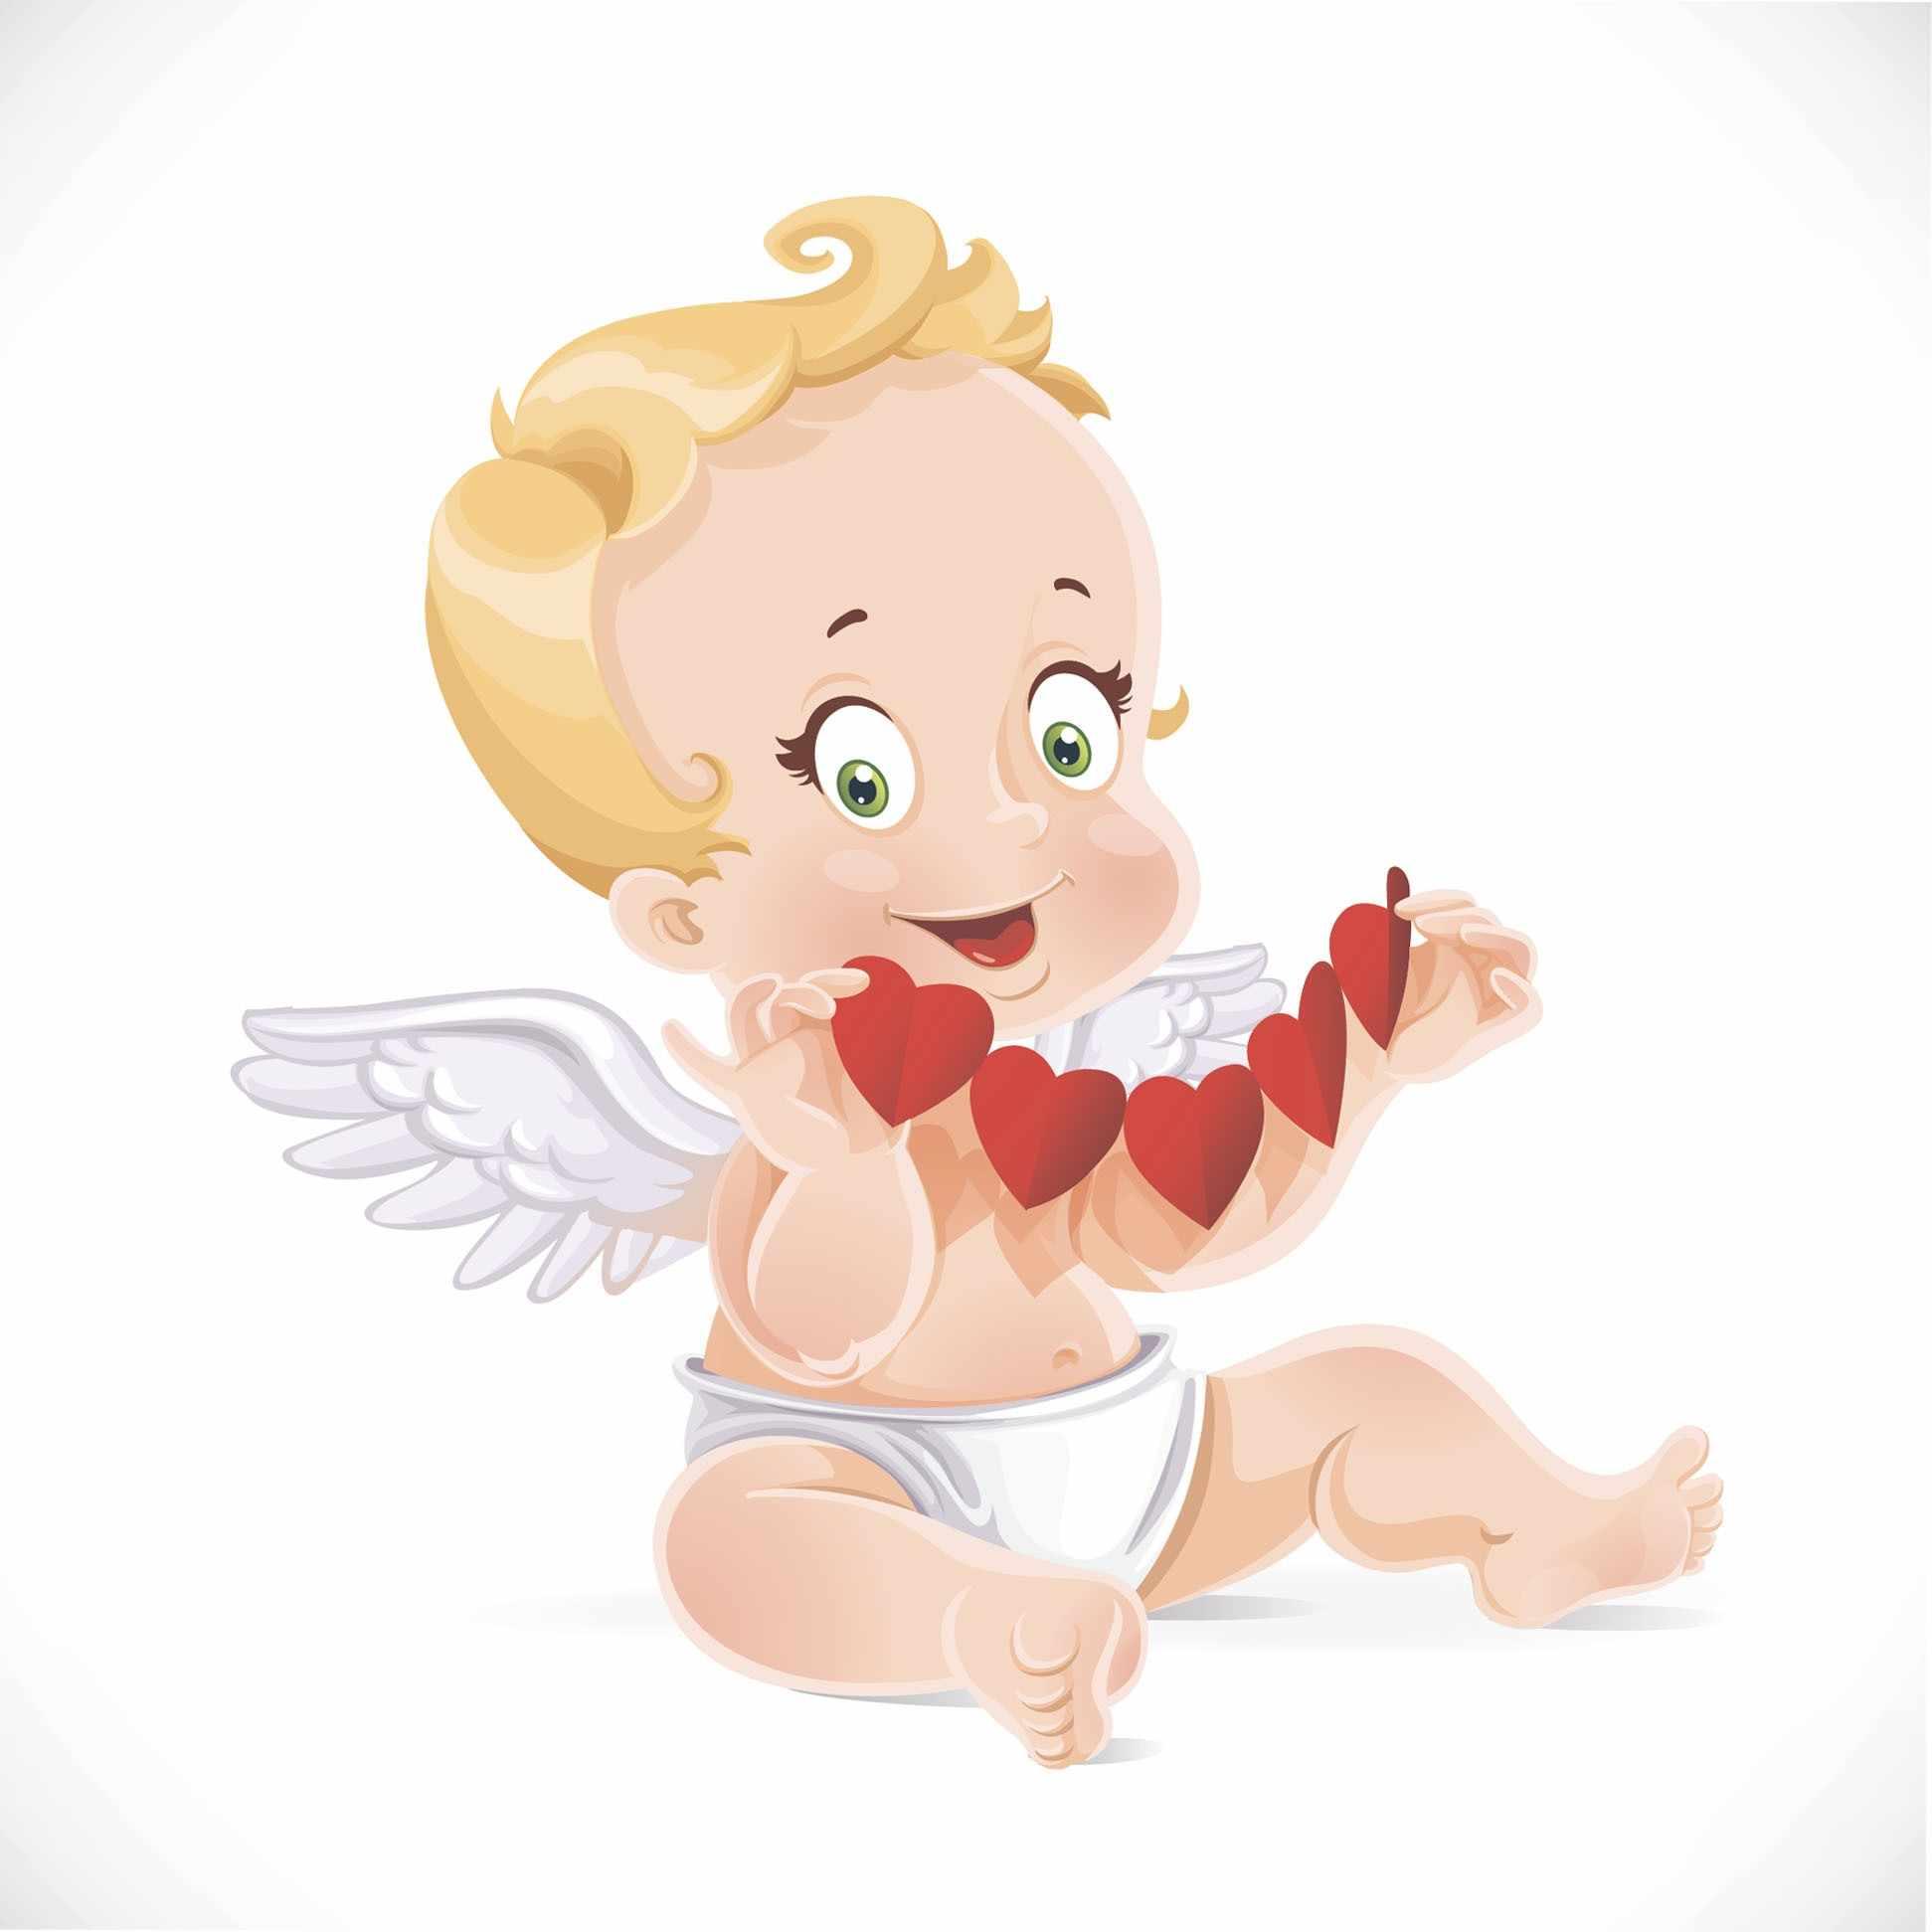 П17 Ангел с гирляндой сердечек